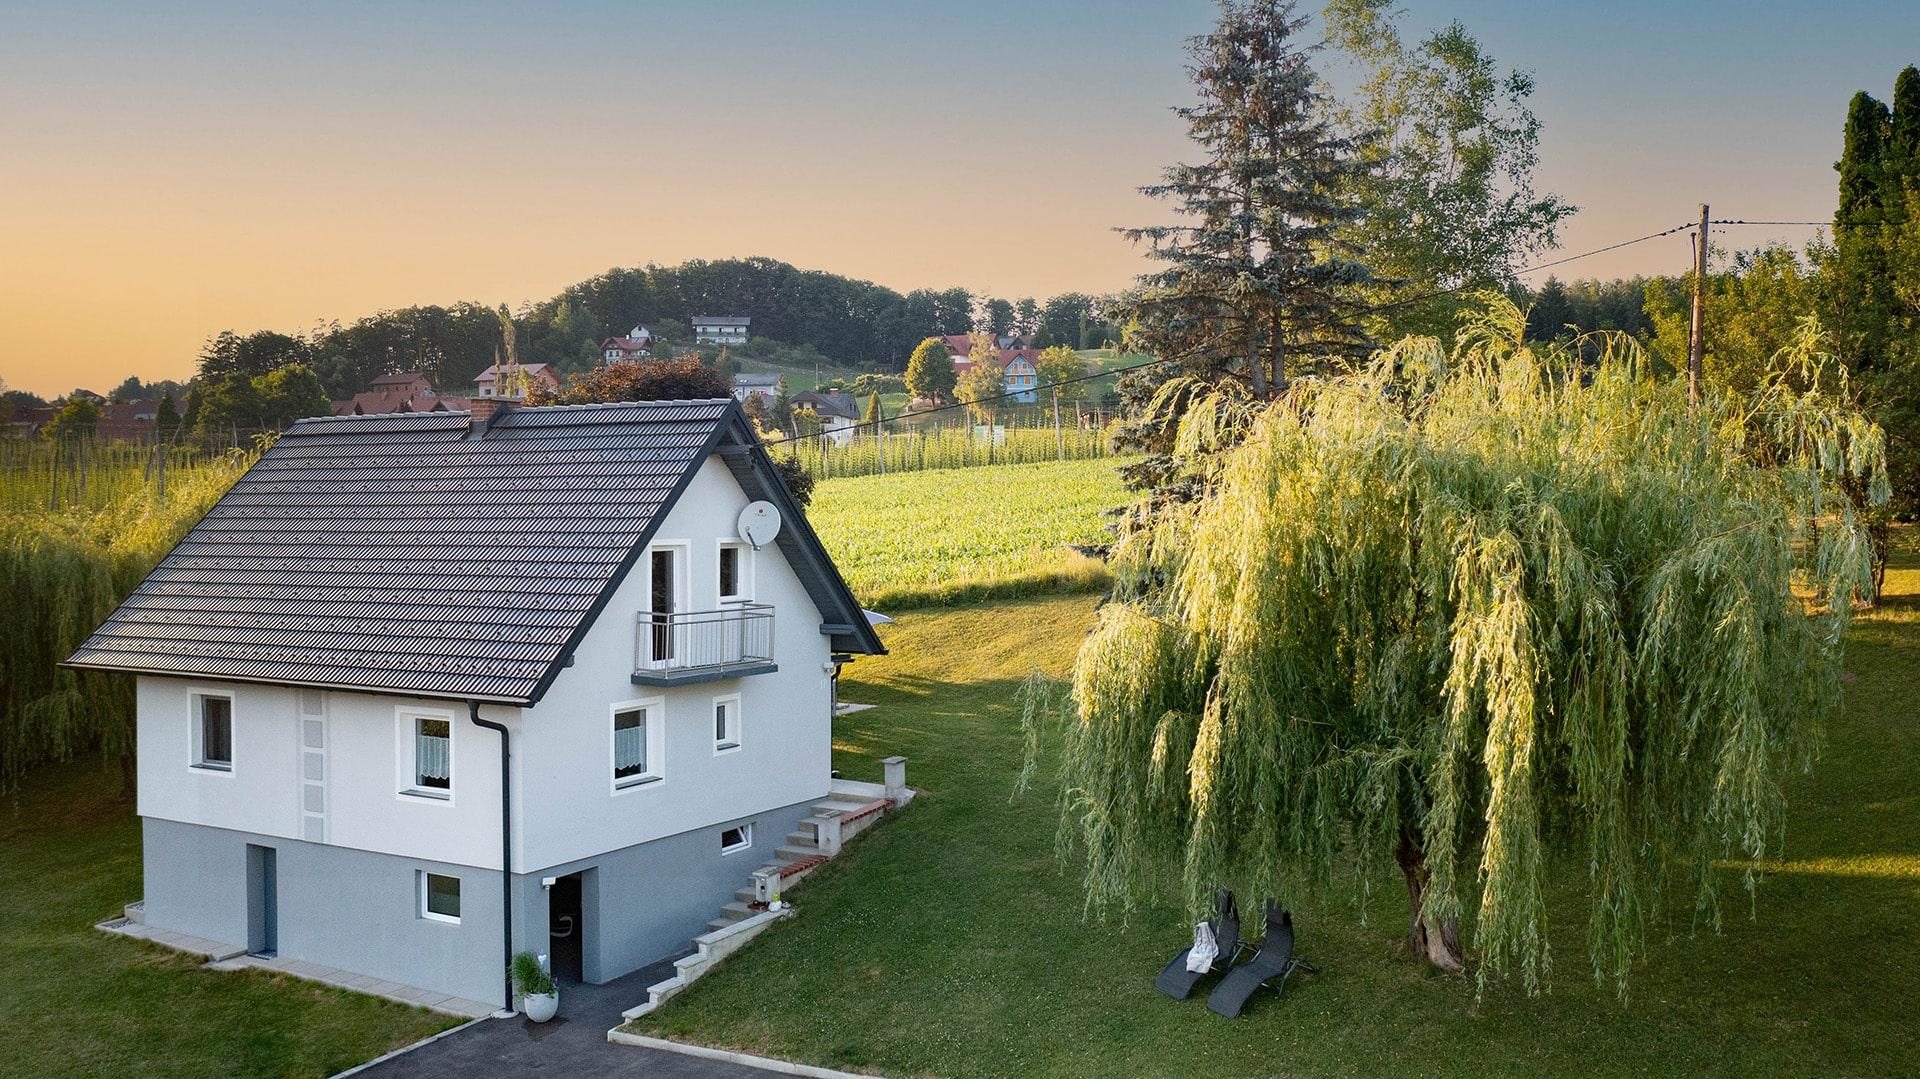 %Ferienhaus Treissmann Südsteiermark%